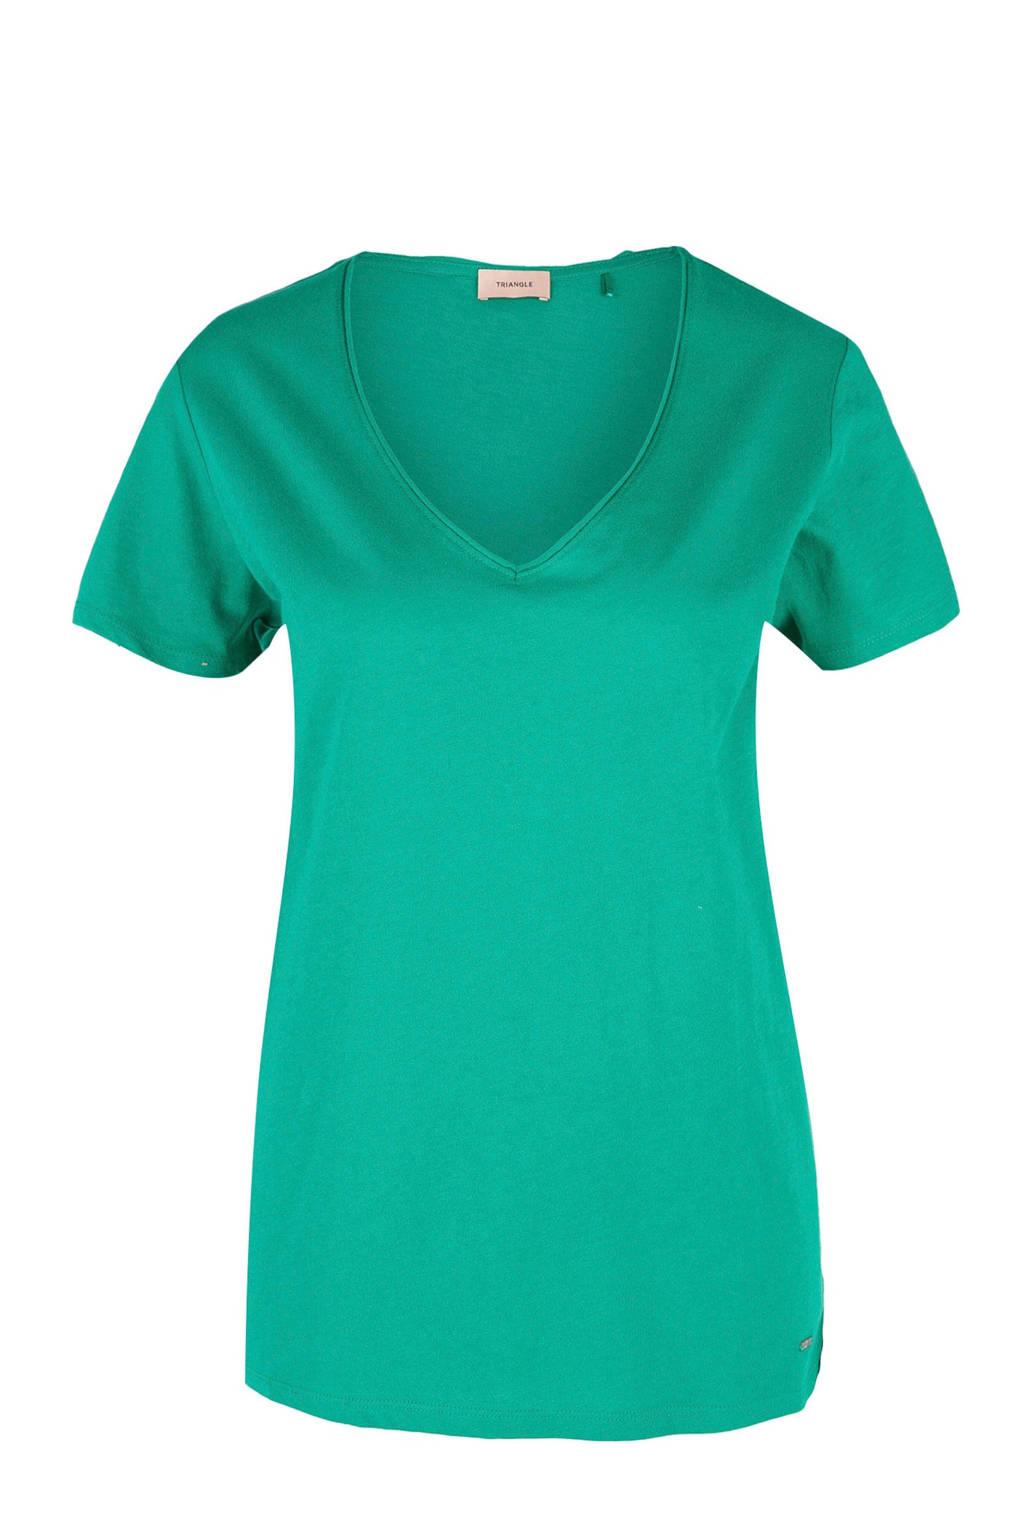 TRIANGLE T-shirt groen, Groen